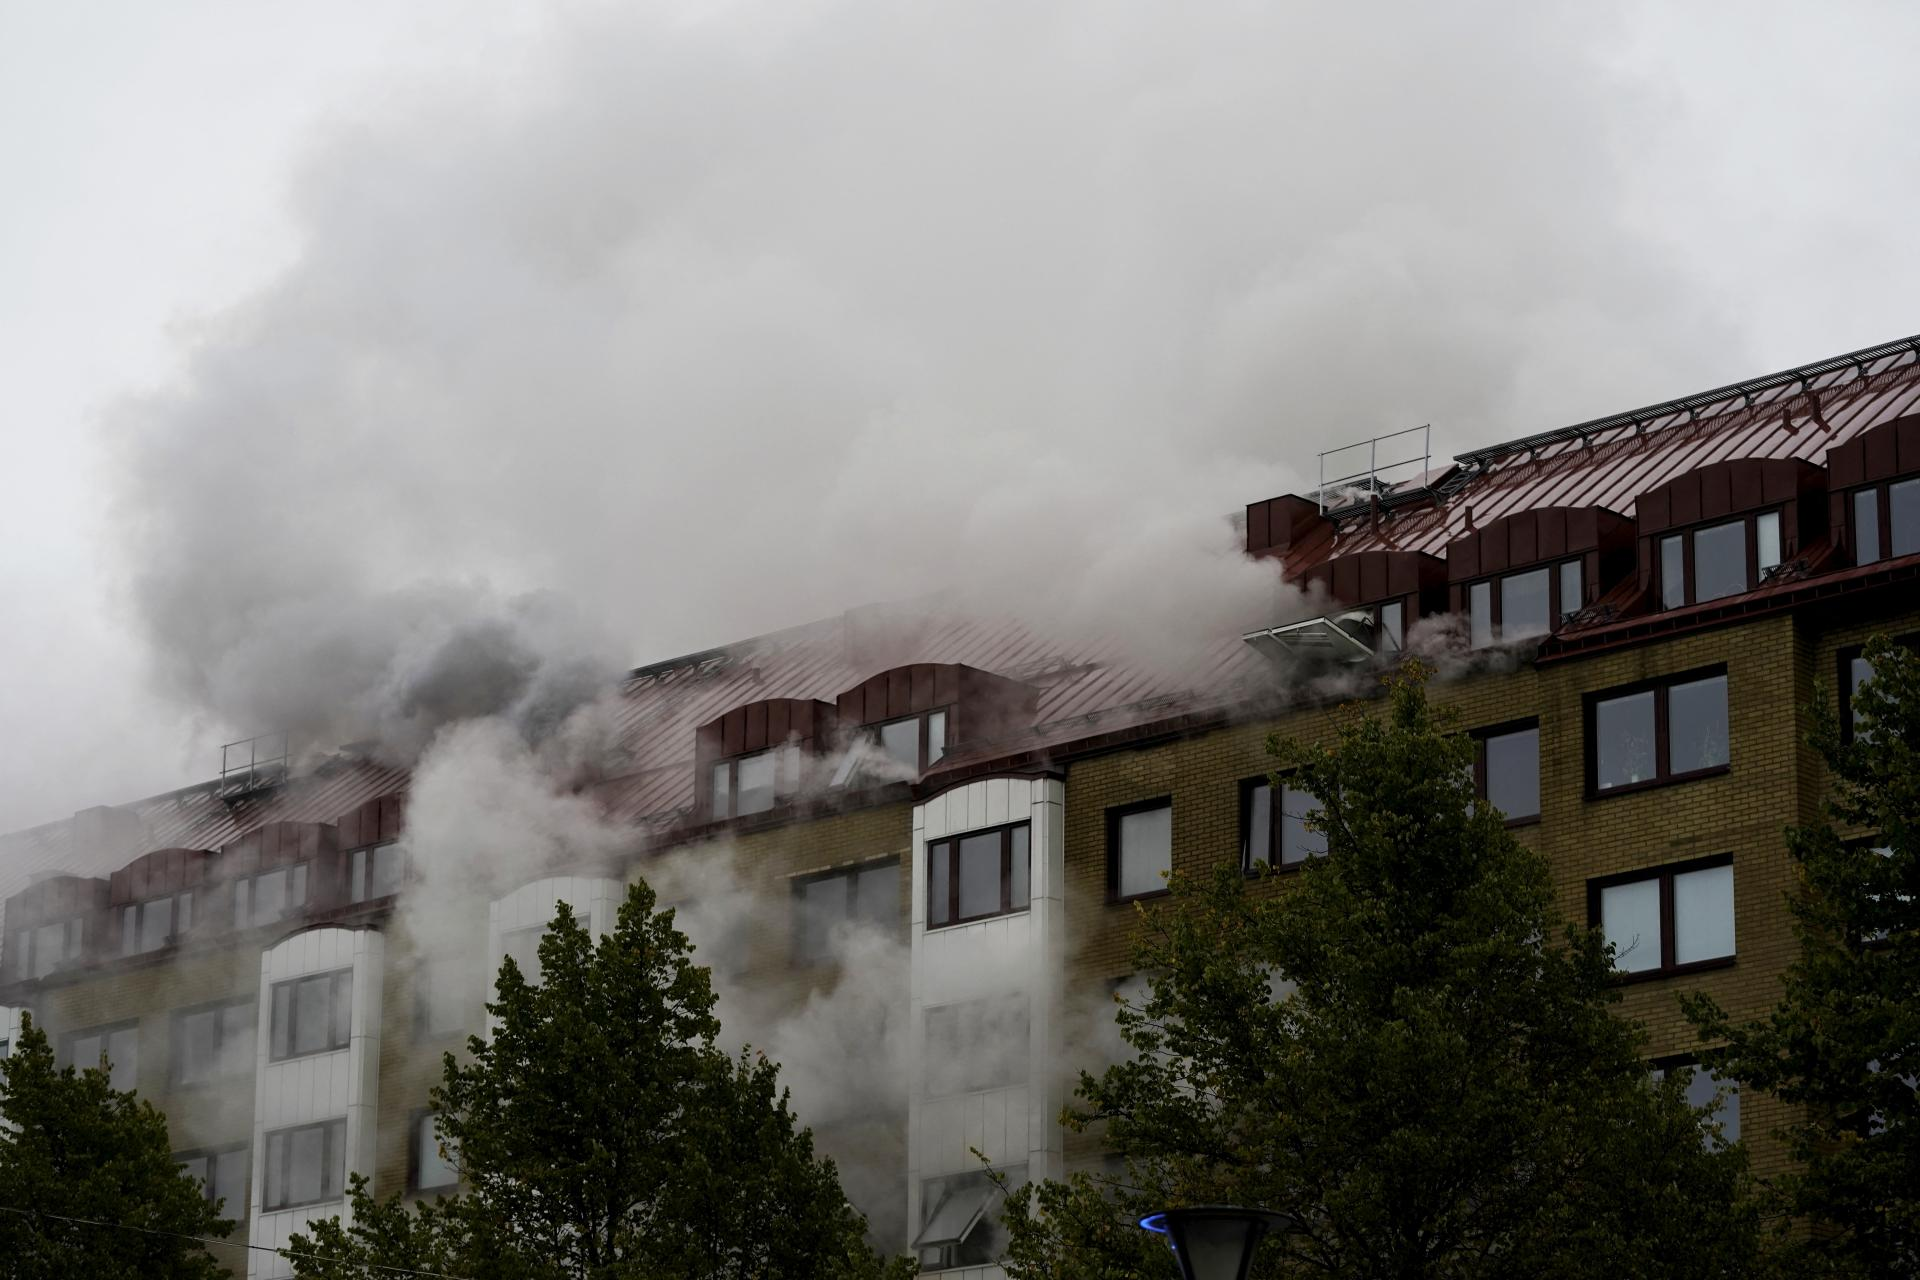 Eksplozija u Švedskoj, 25 ljudi prevezeno u bolnicu: 'Trenutno nije jasno što je bio uzrok'